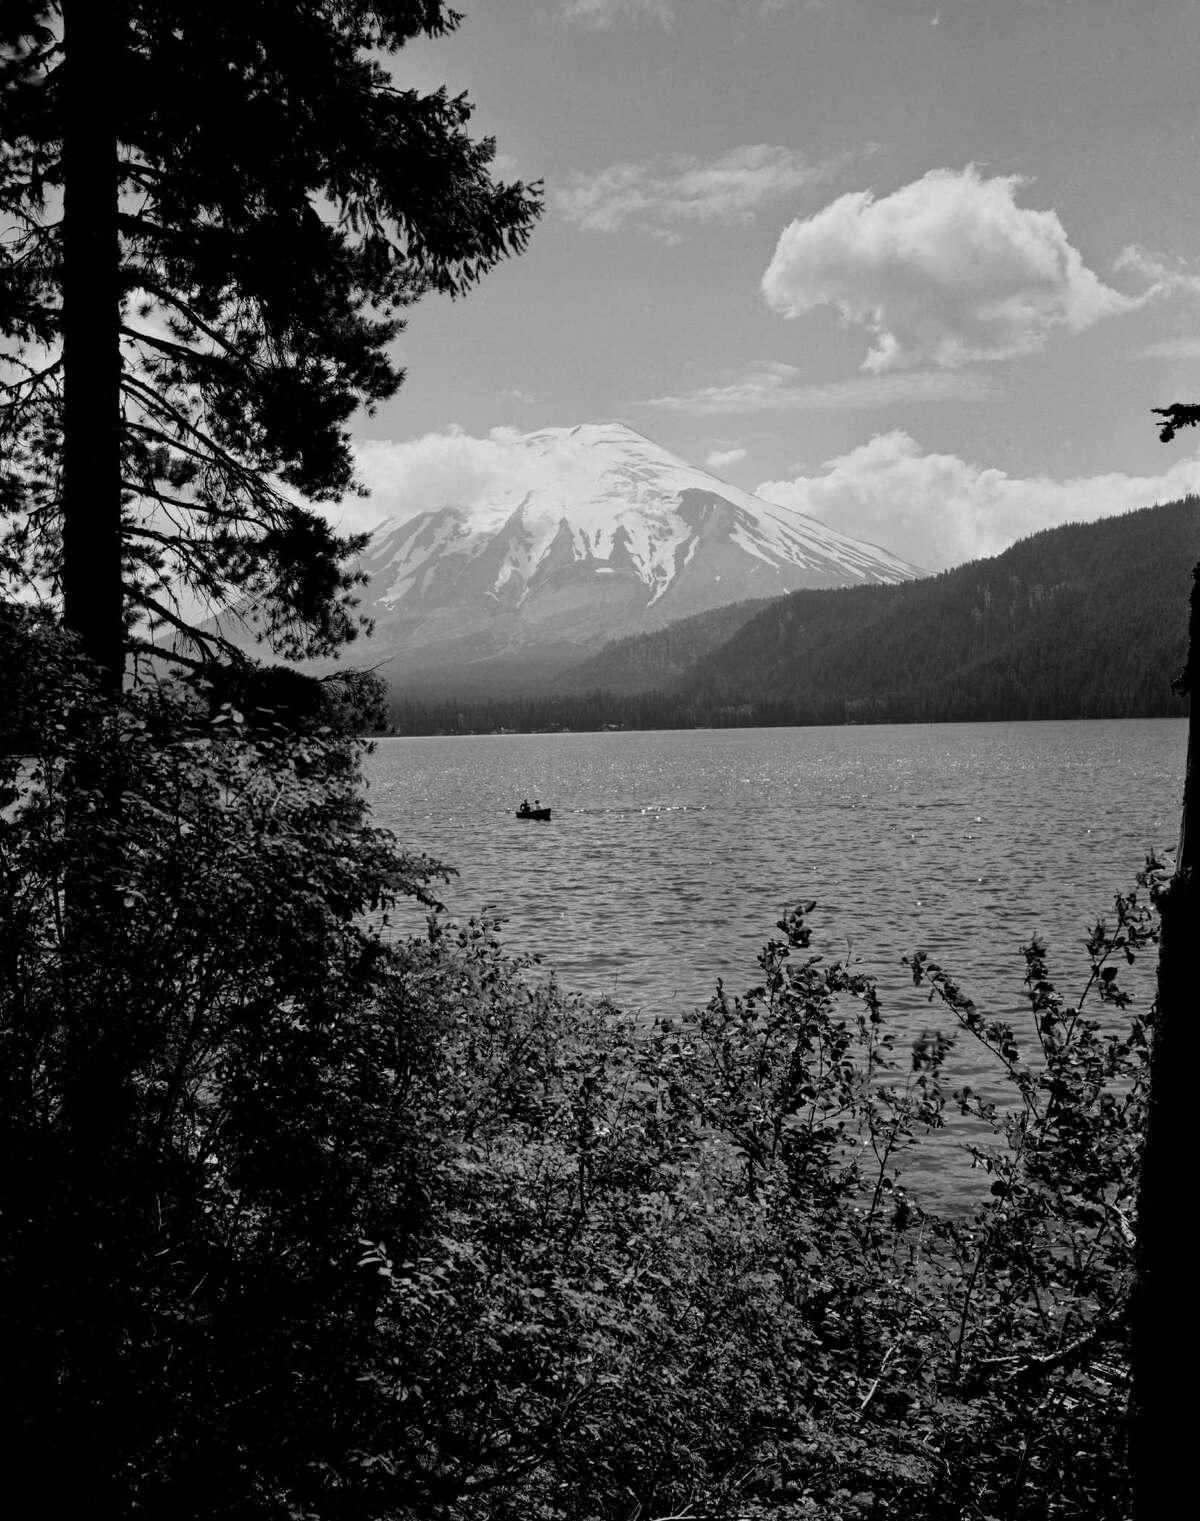 Spirit Lake, Mount St. Helens